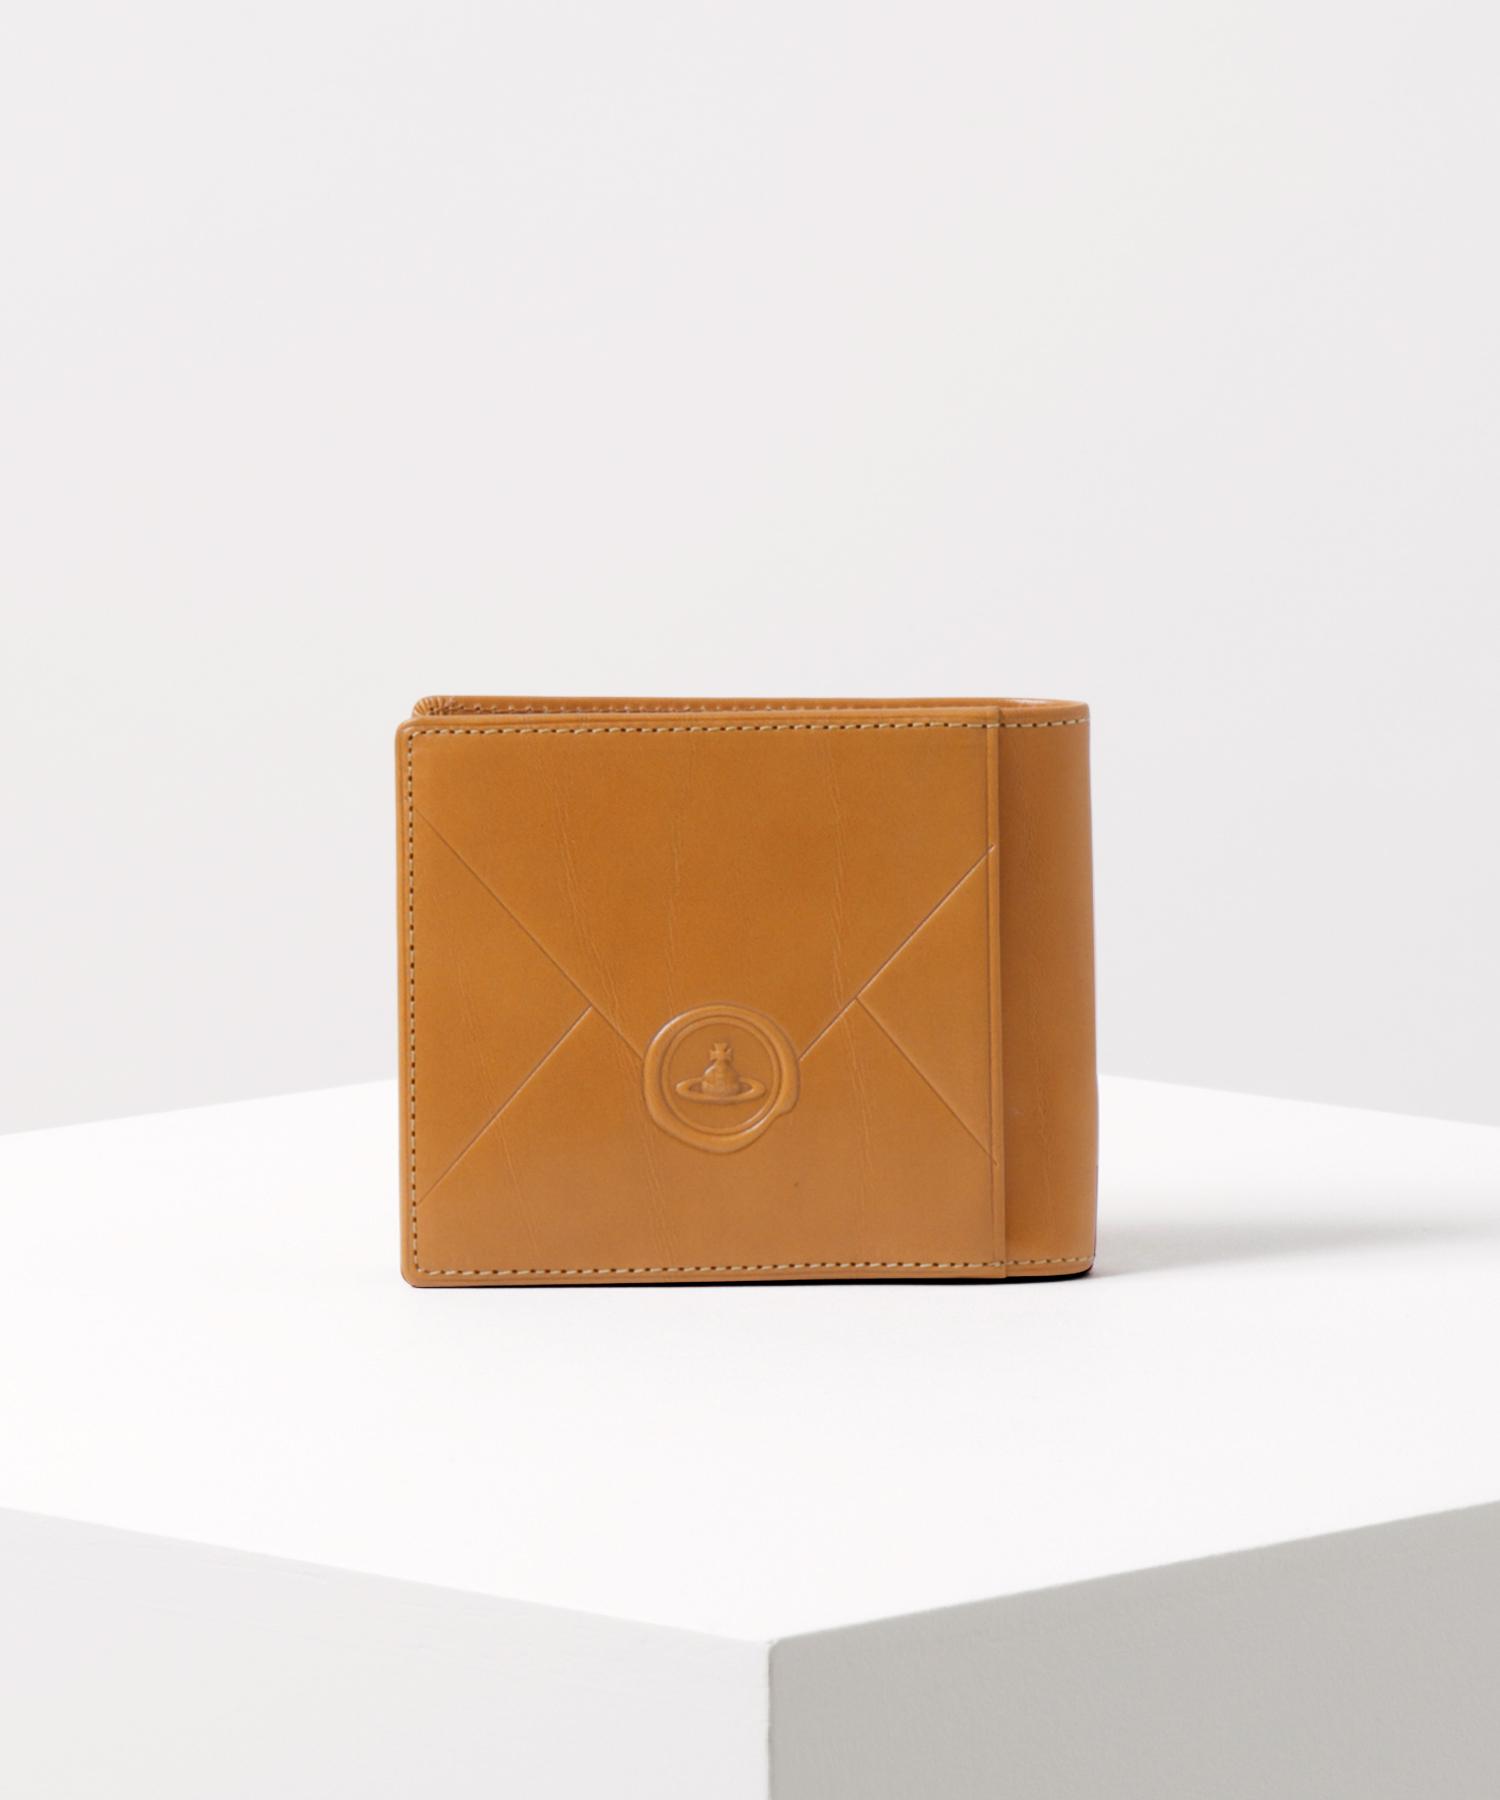 エンベロープ 二つ折り財布